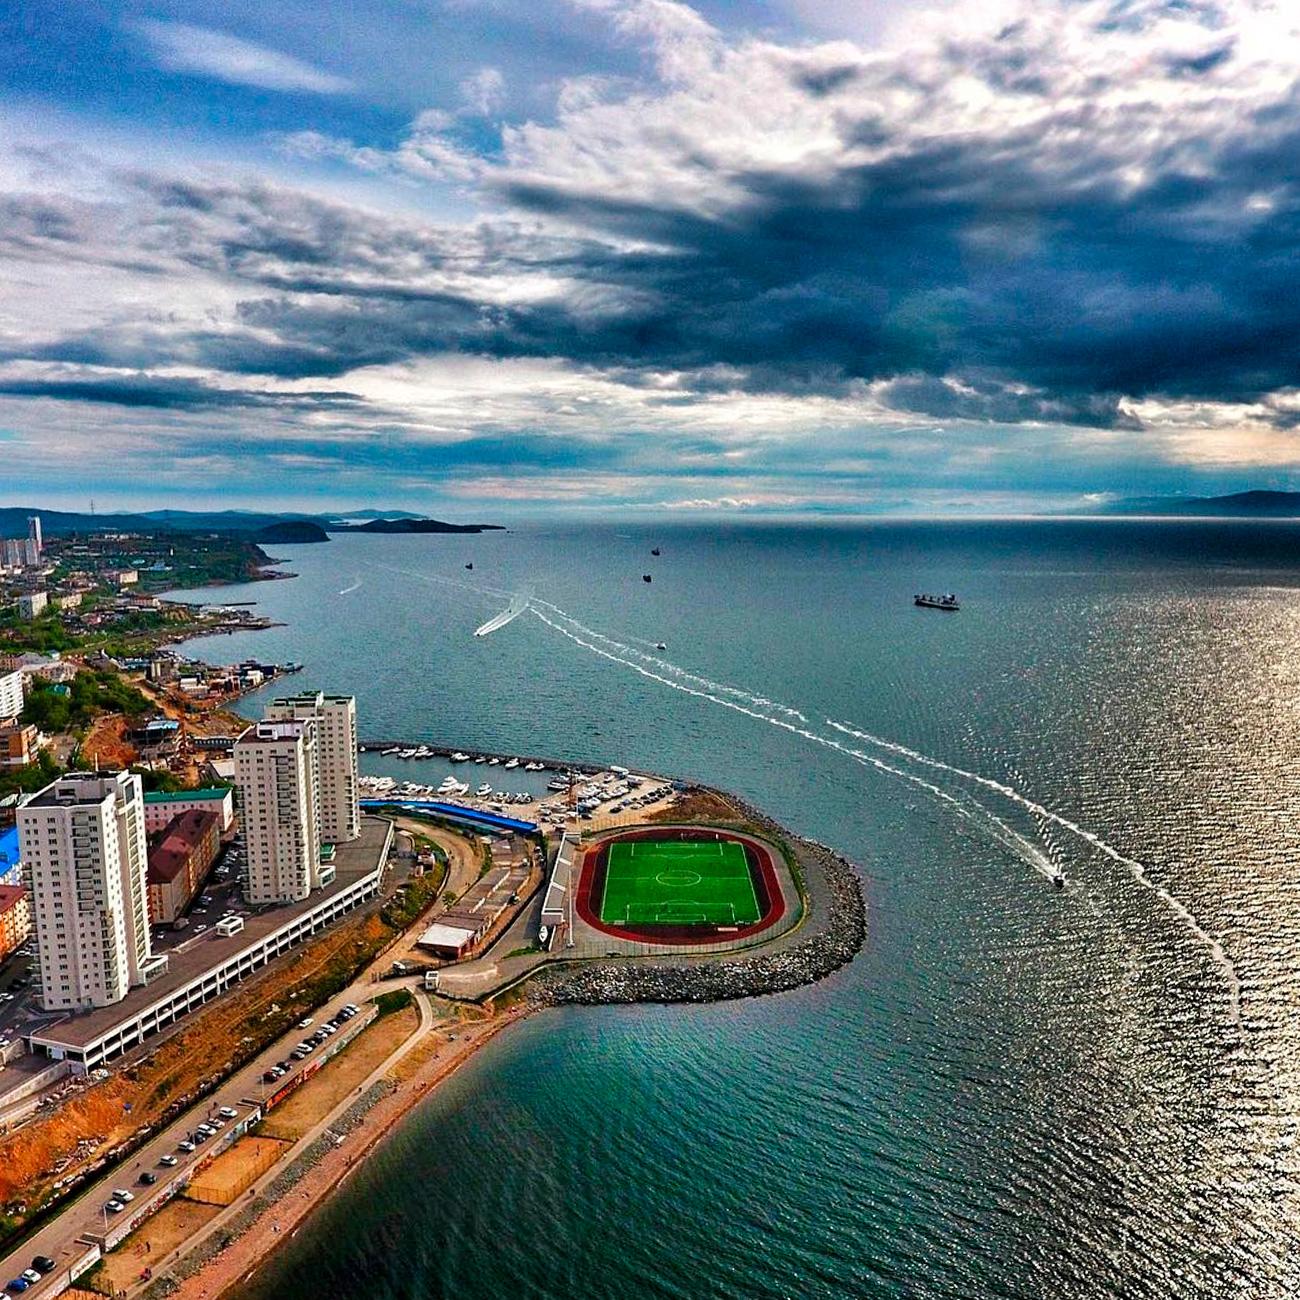 Од птичја перспектива, крајот на заливот Купер кадешто е изграден стадионот, изгледа како блескава зелена точка која ги разграничува водите на заливот Амур од станбениот дел на Владивисток. Стадионот е опкружен со вода од три страни.